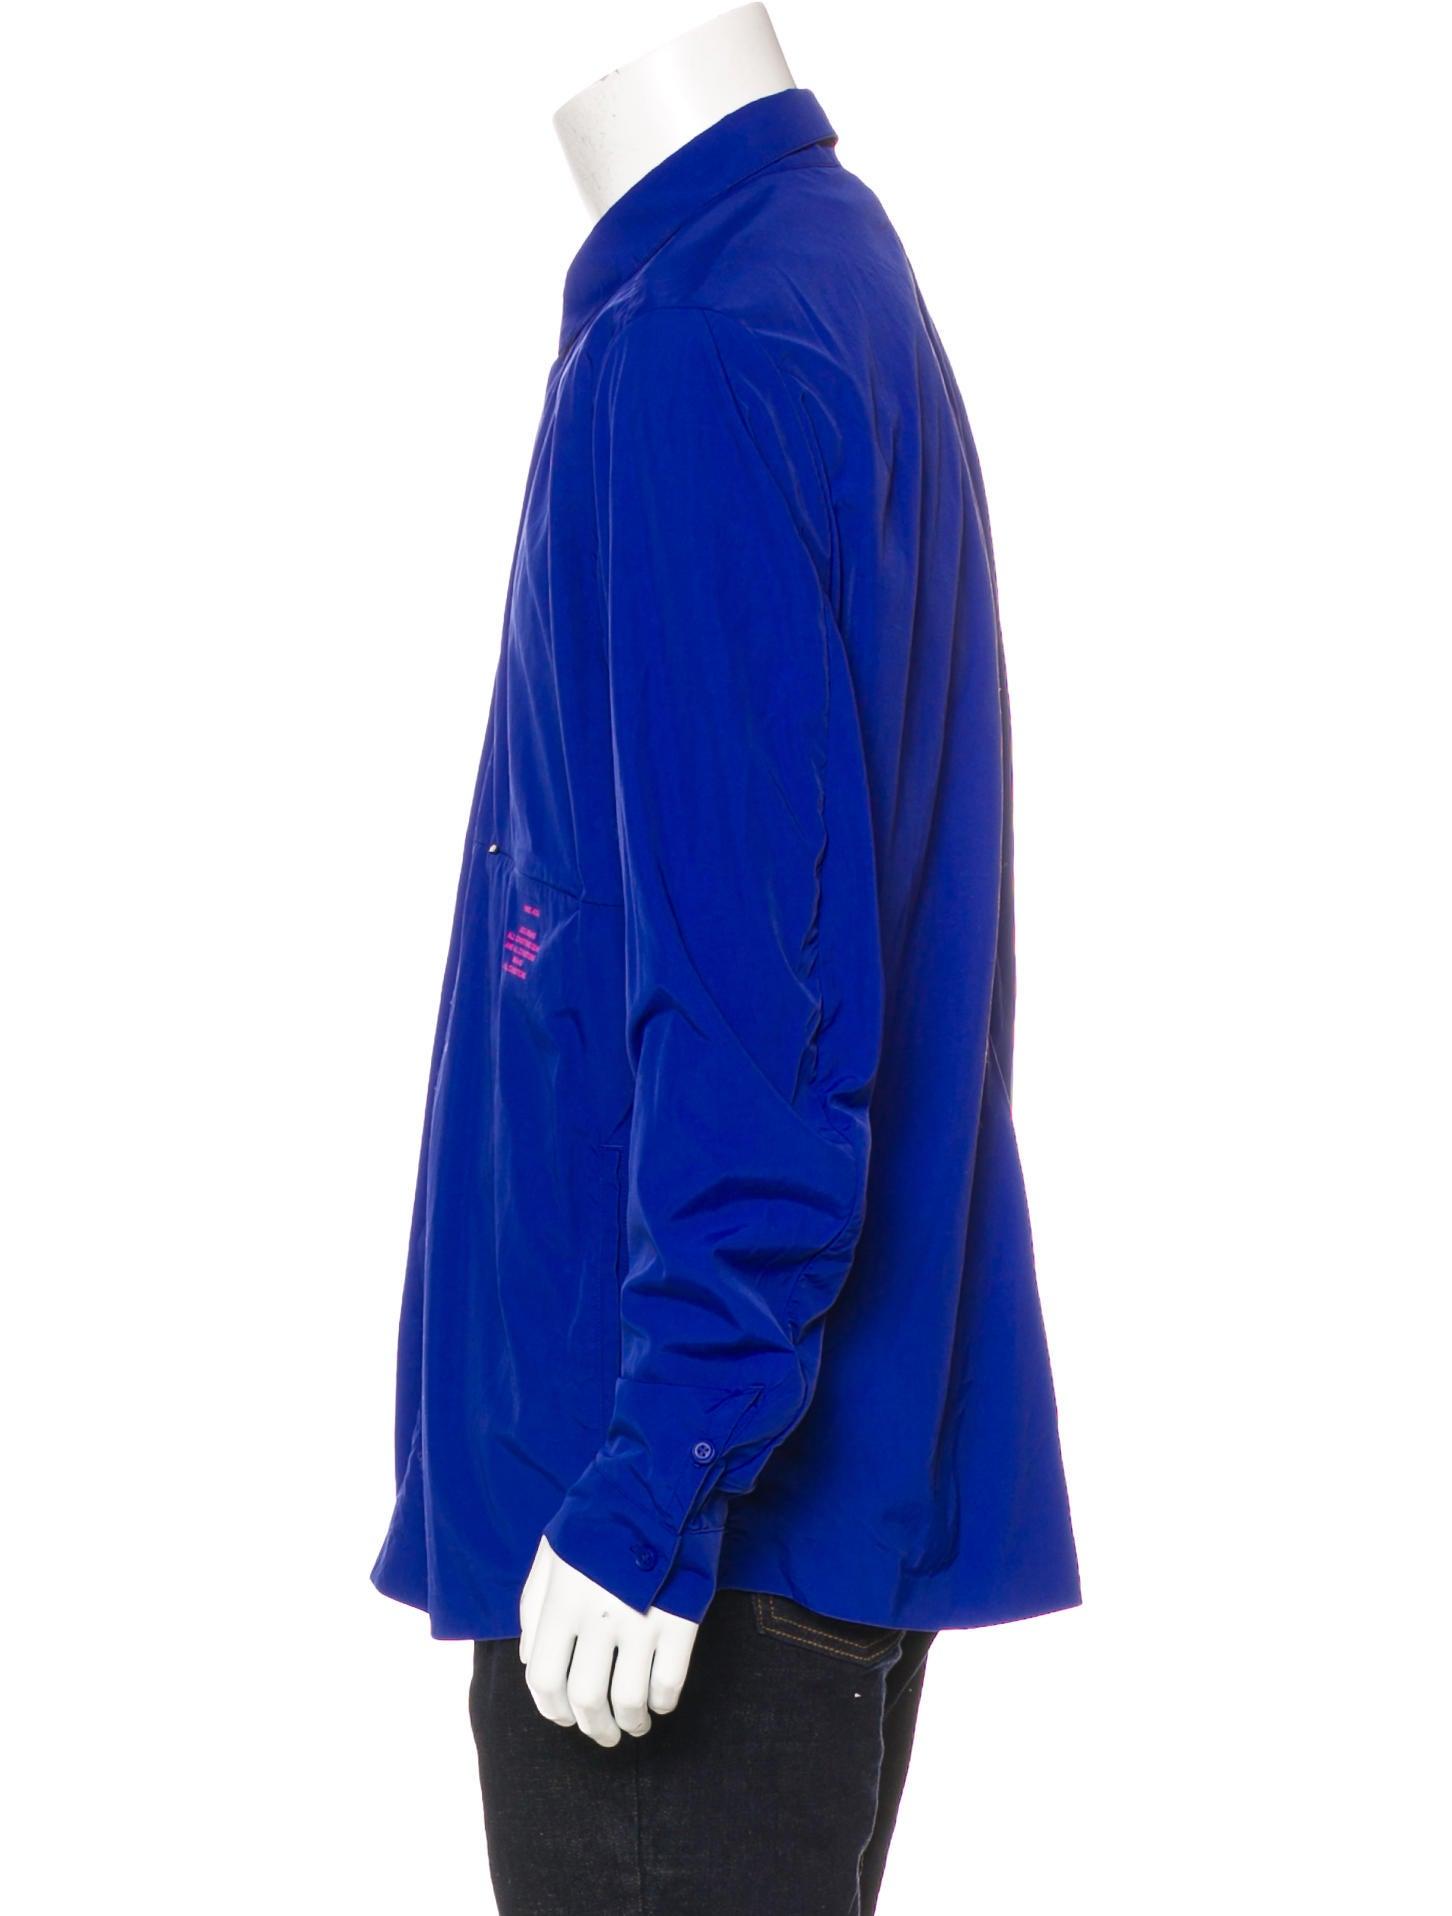 Nike waterproof hoodie